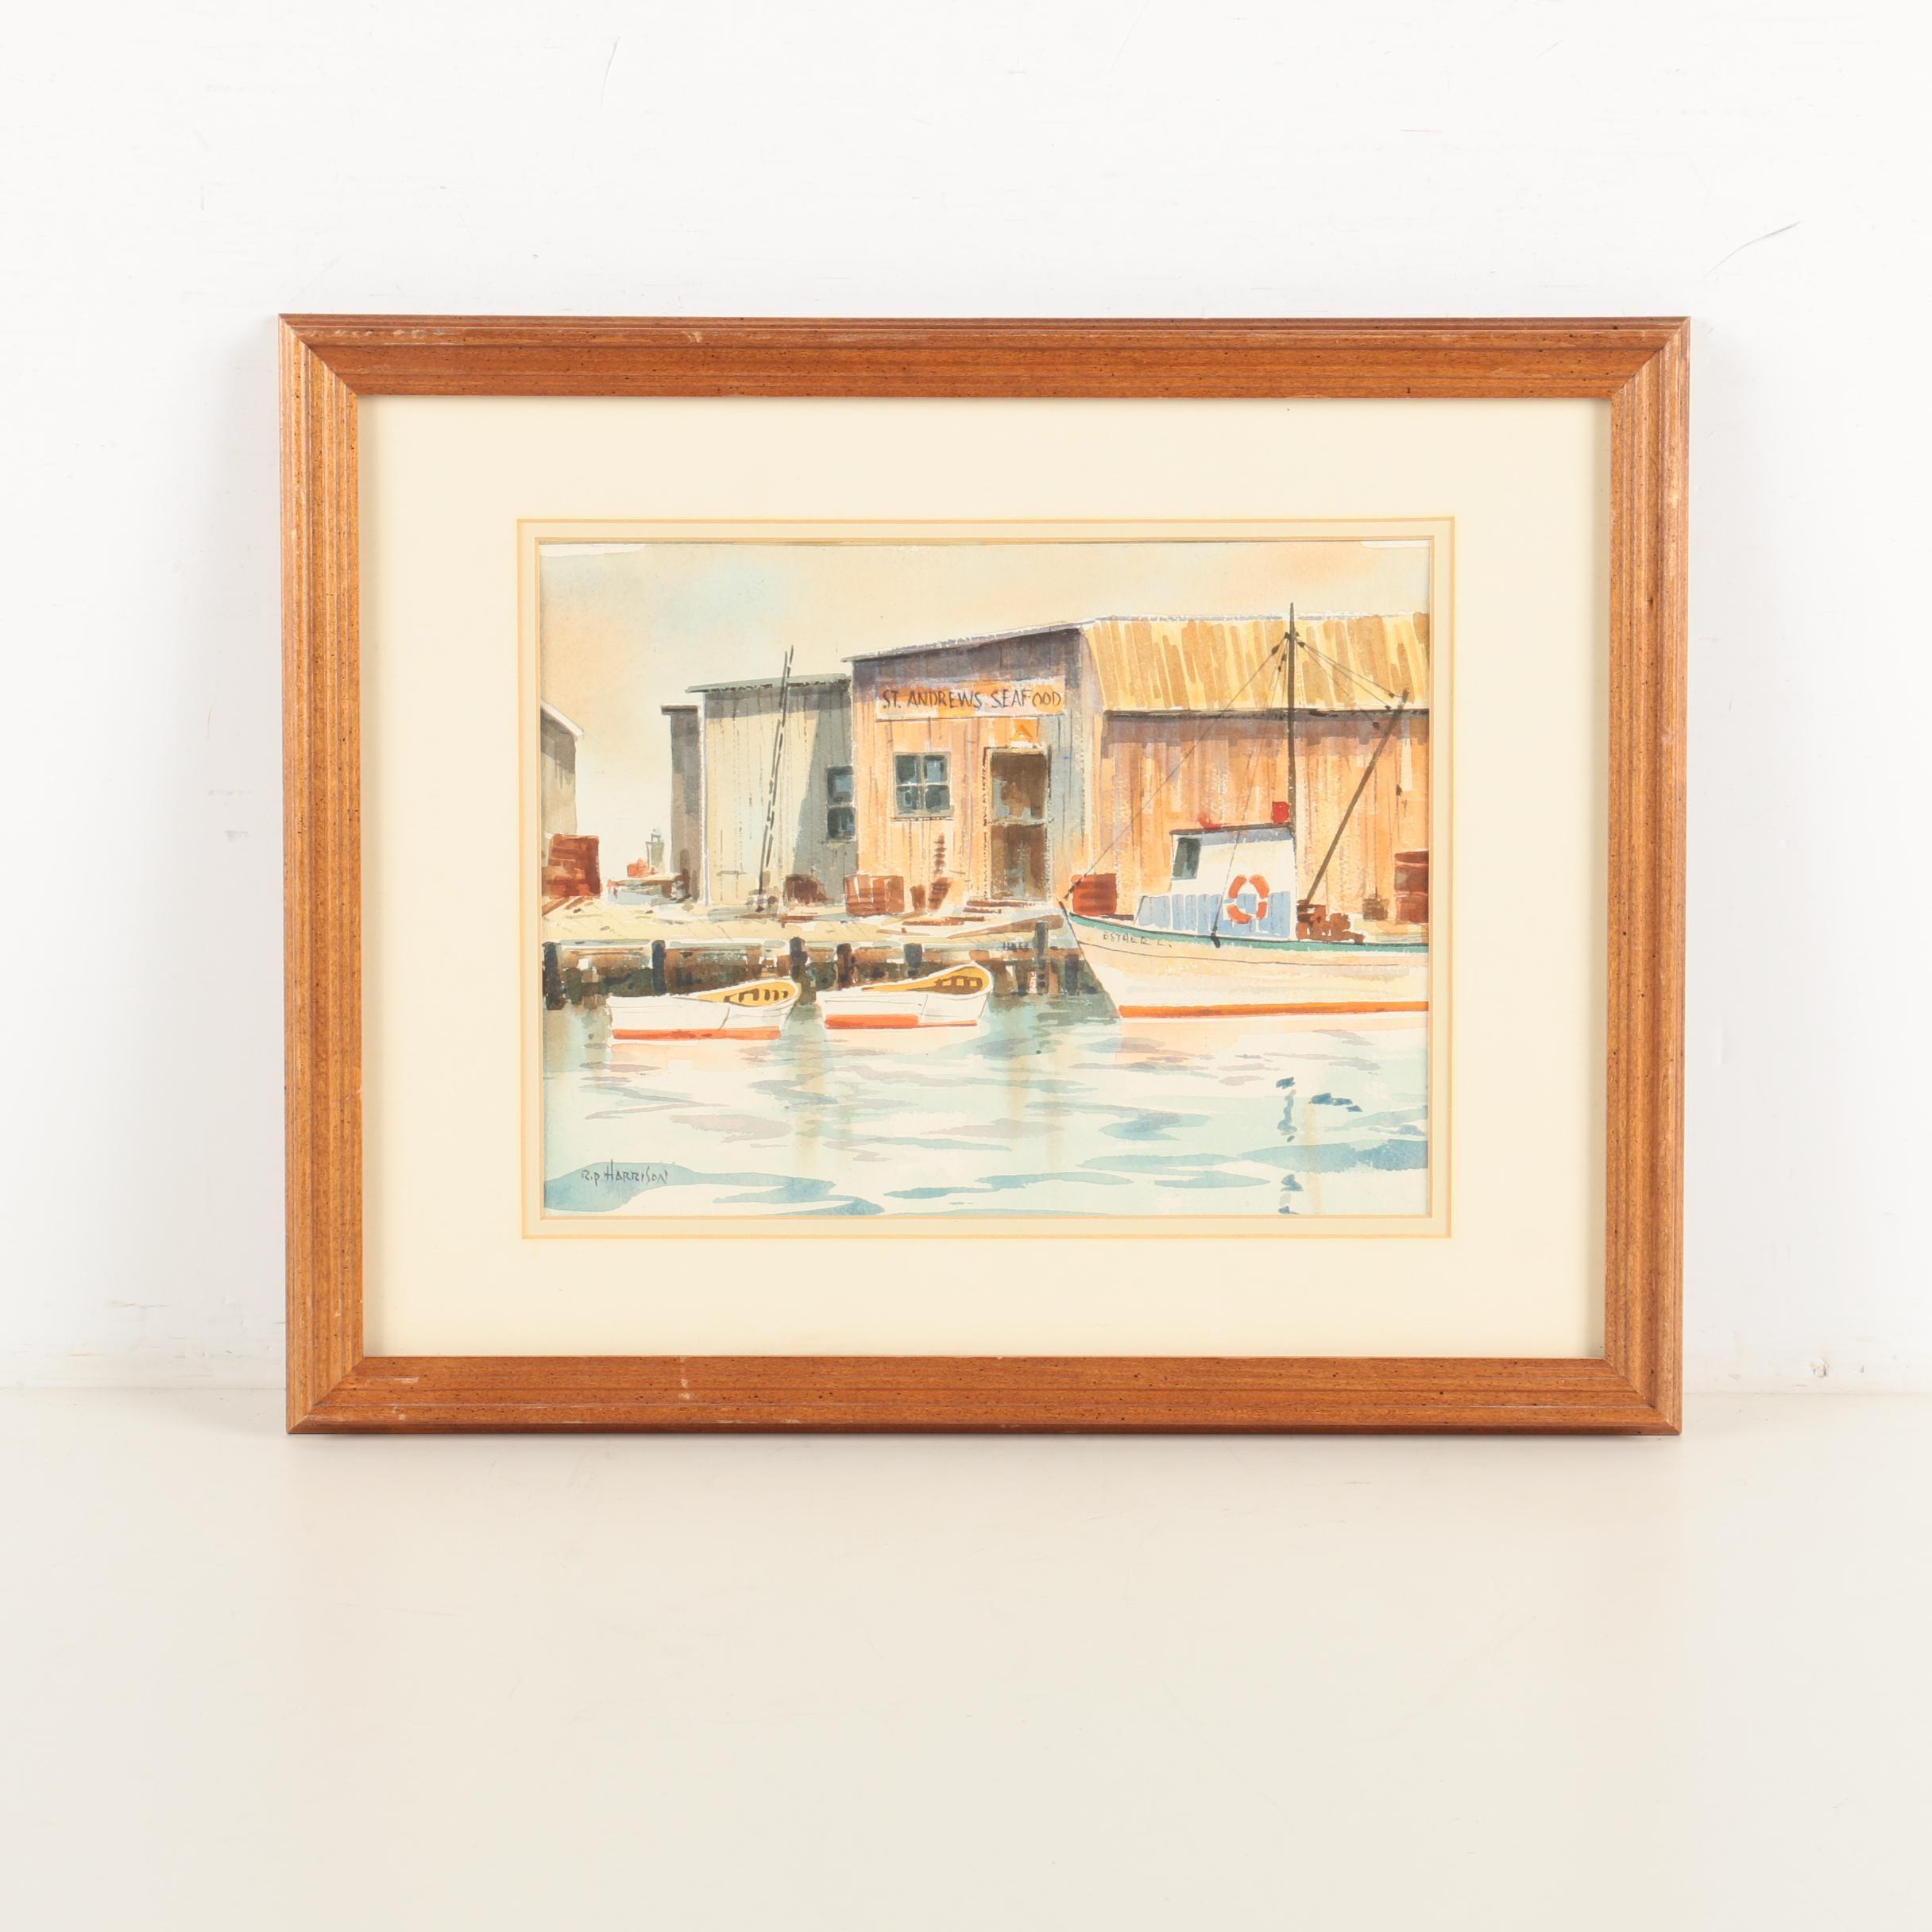 Rip Harrison Watercolor on Paper of a Dock Scene